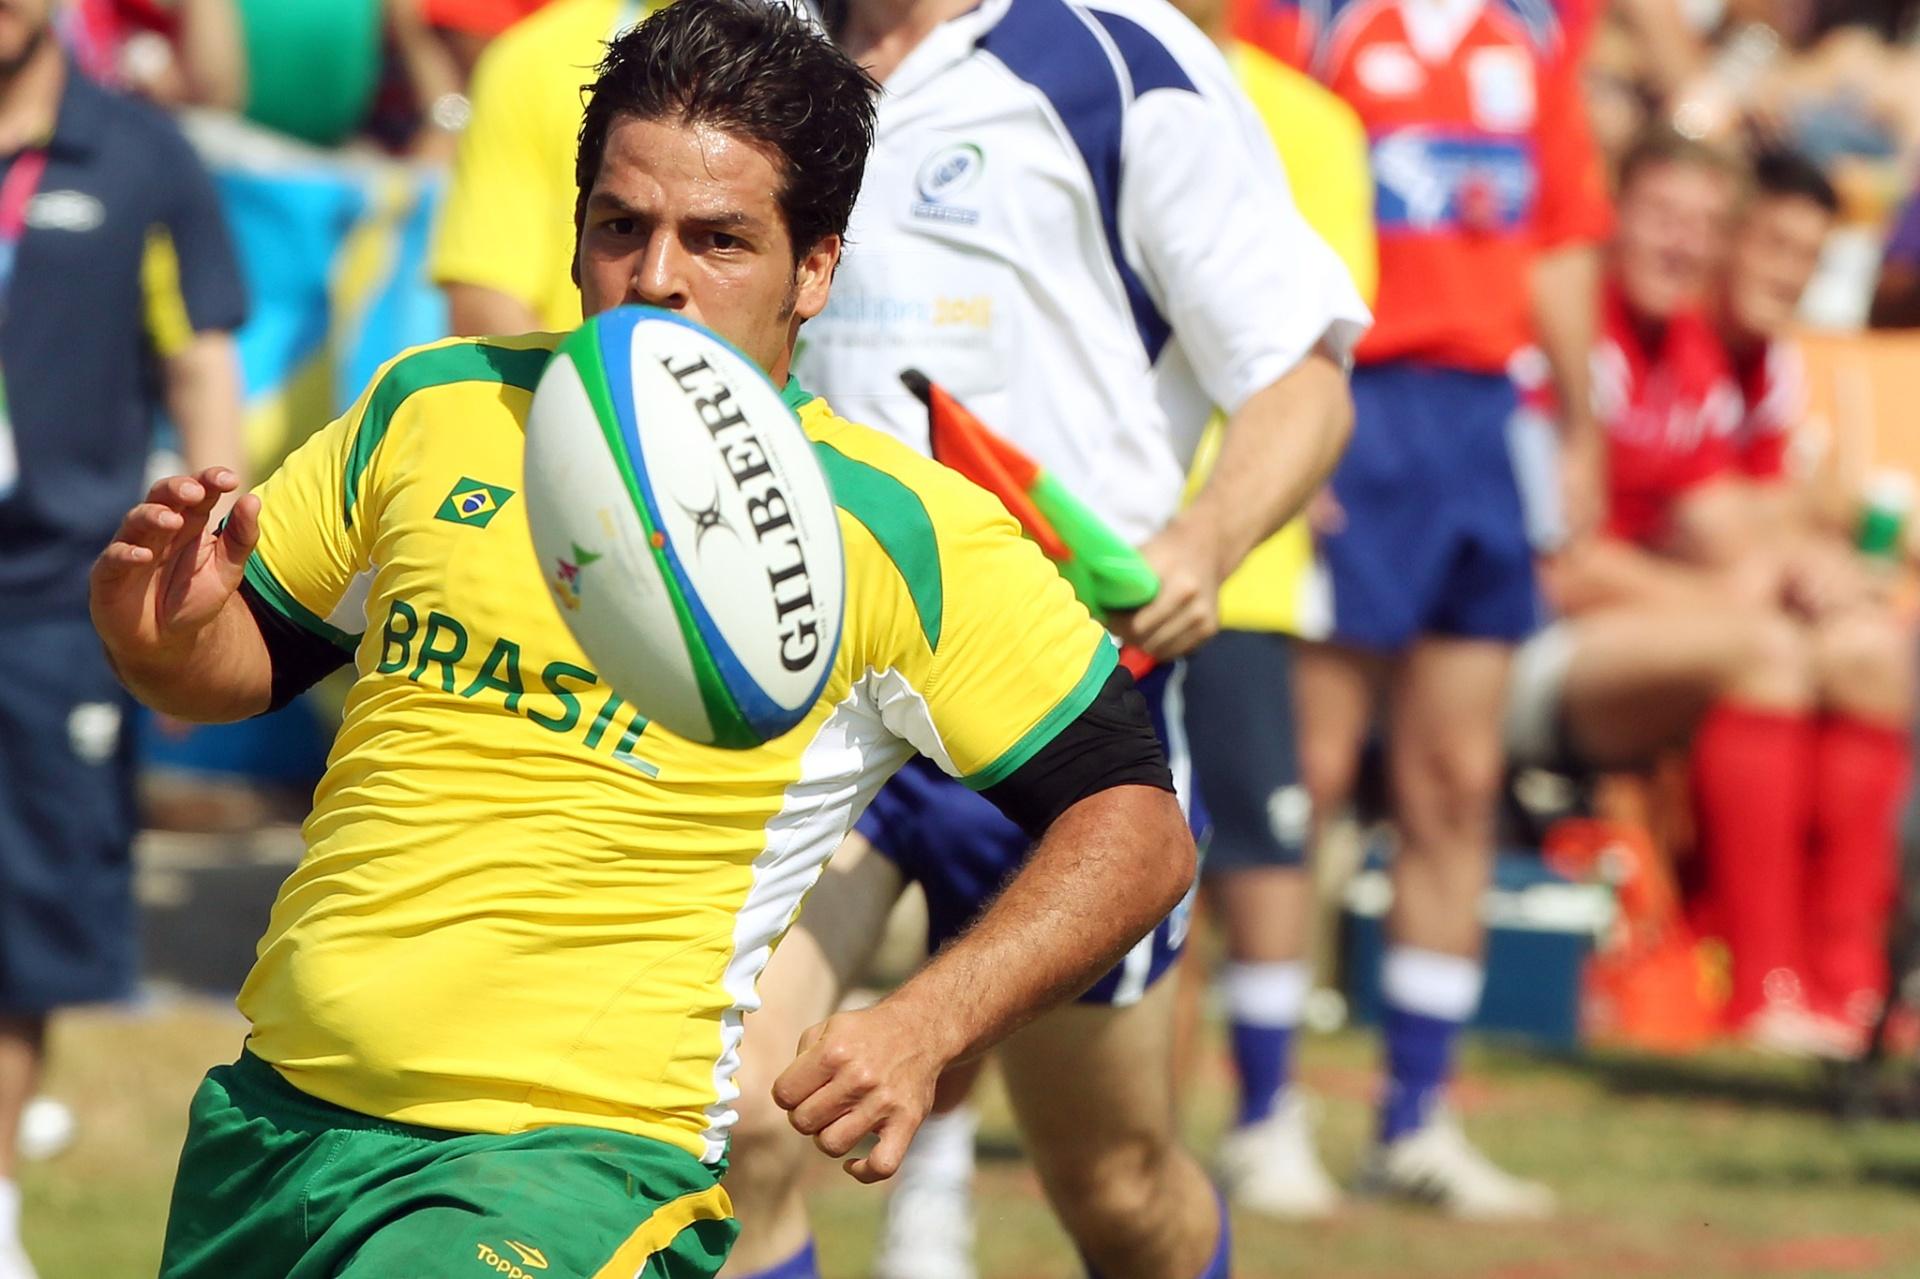 Tanque, jogador da seleção brasileira de rúgbi, durante a derrota para o Canadá na estreia do Pan (29/10/2011)